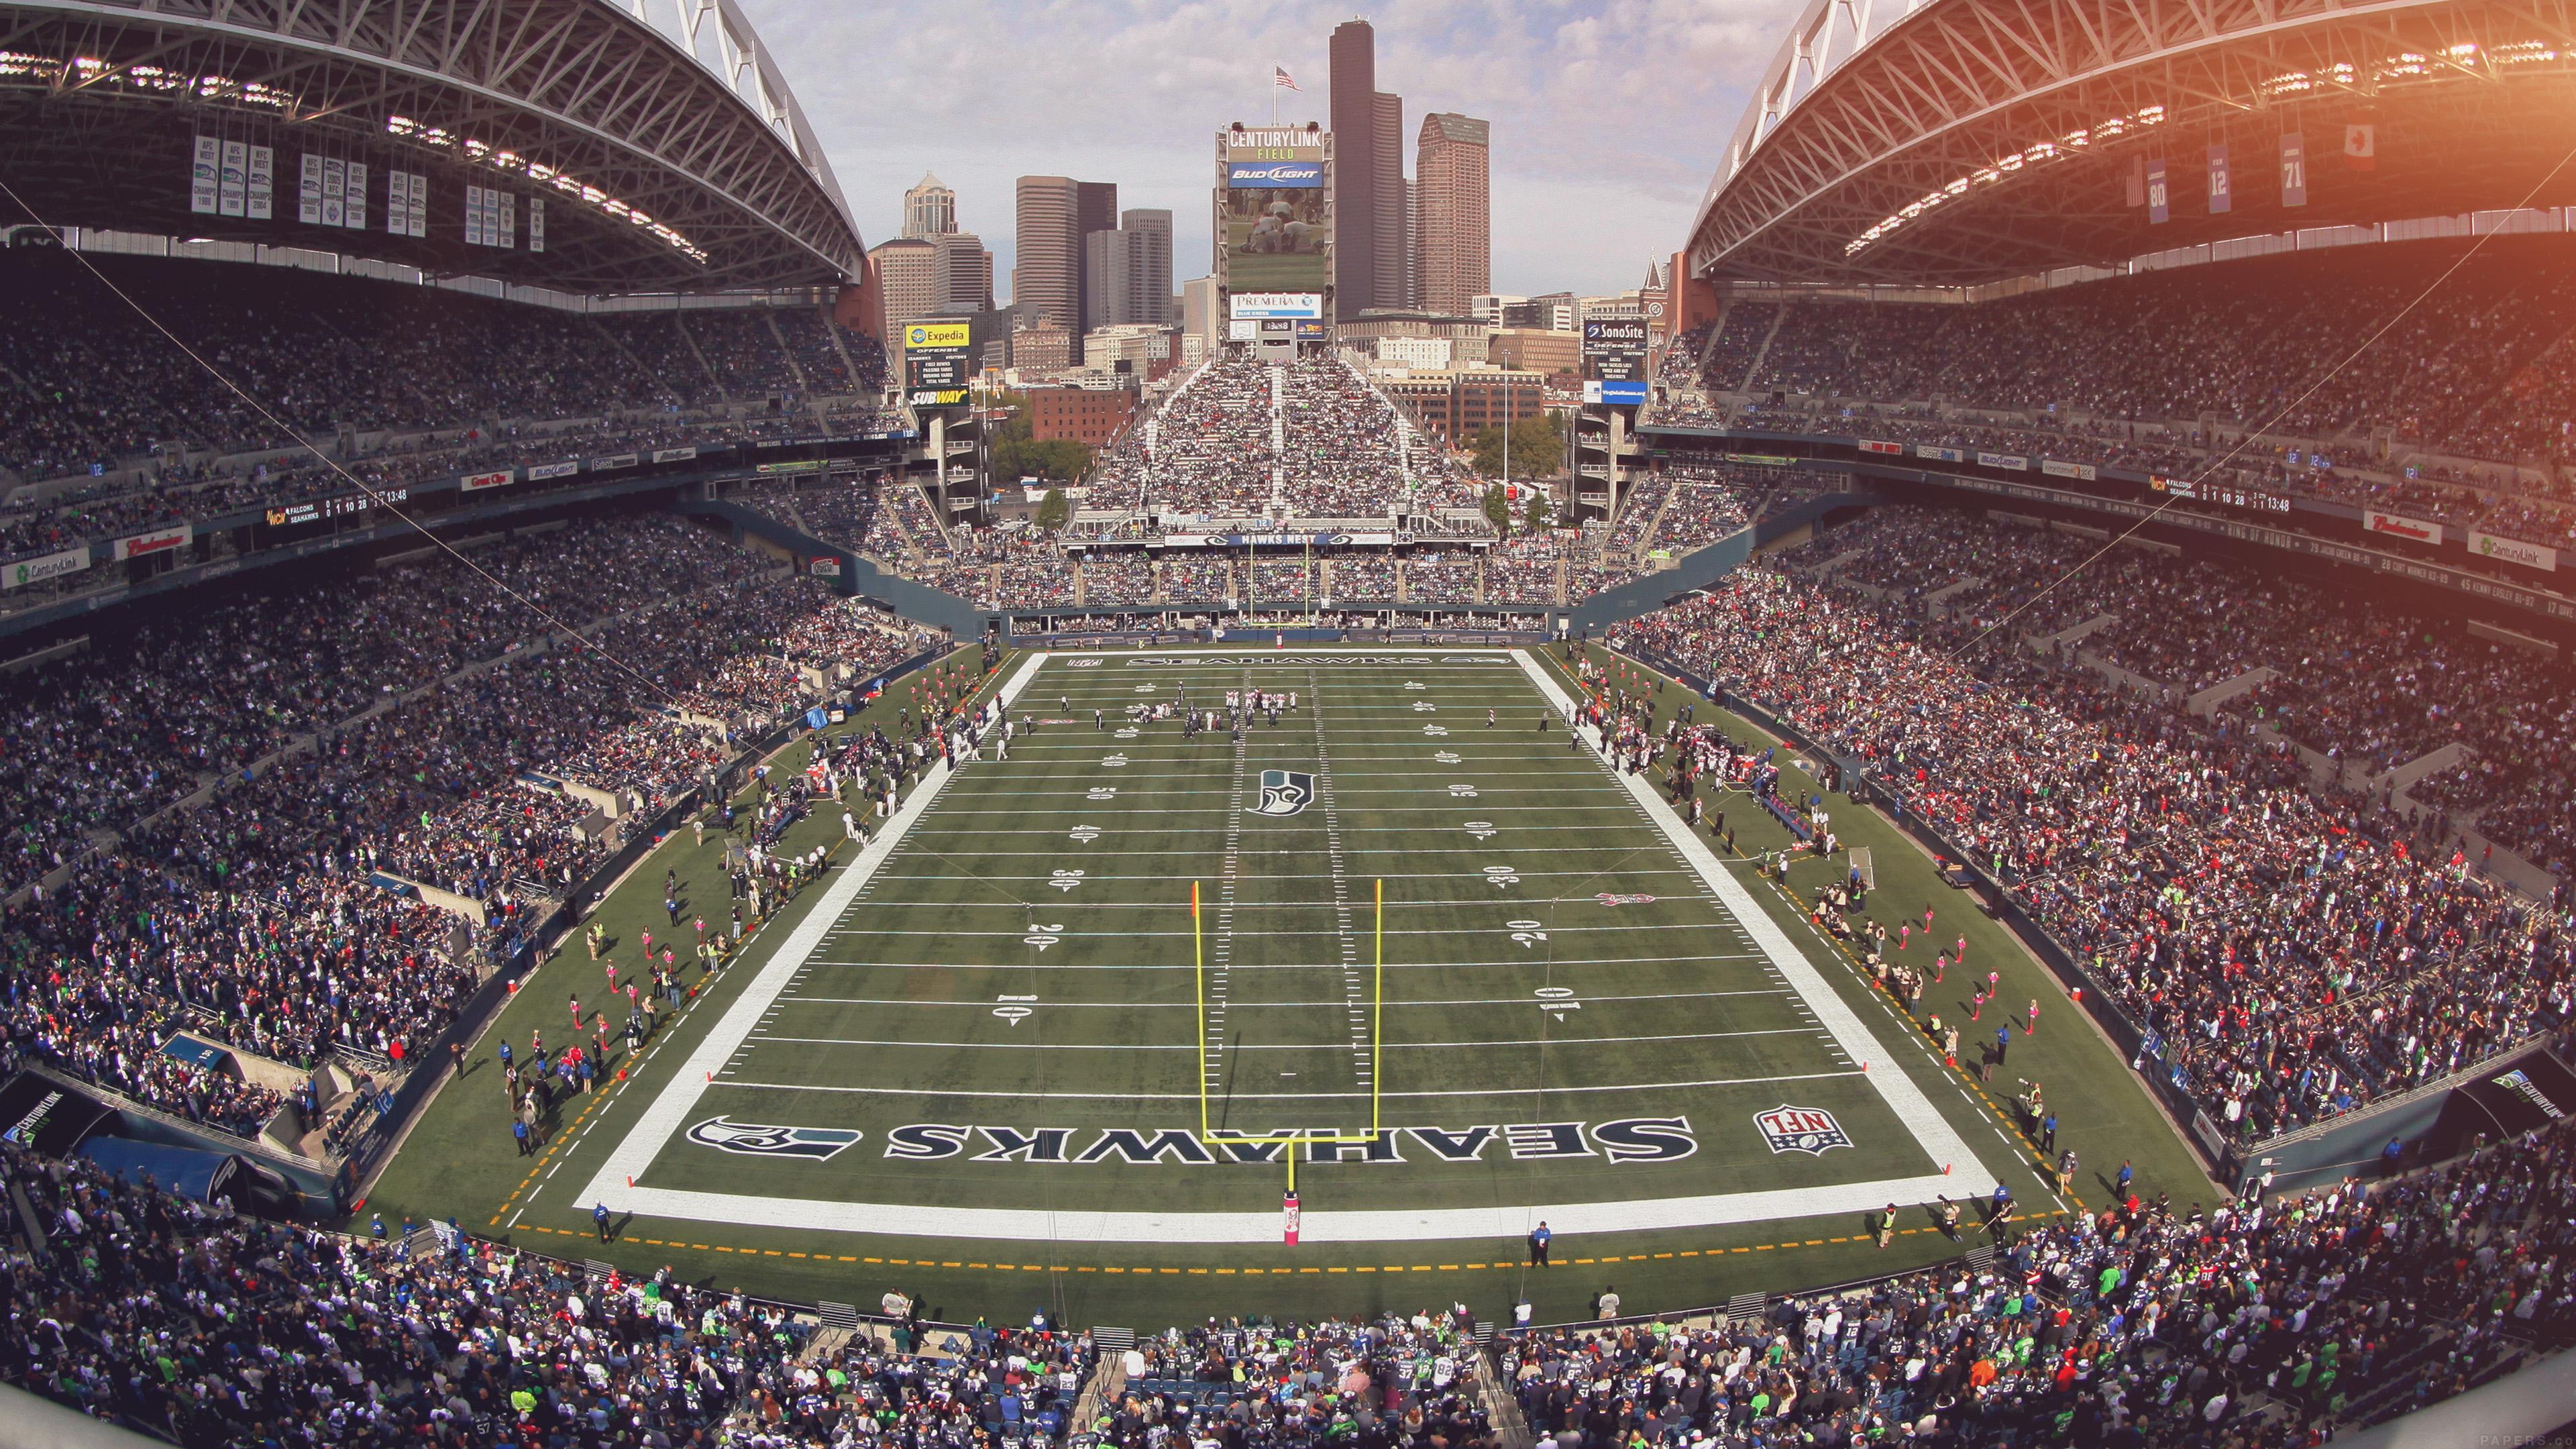 Mp98 Seahawks Seattle Sports Stadium Football Nfl